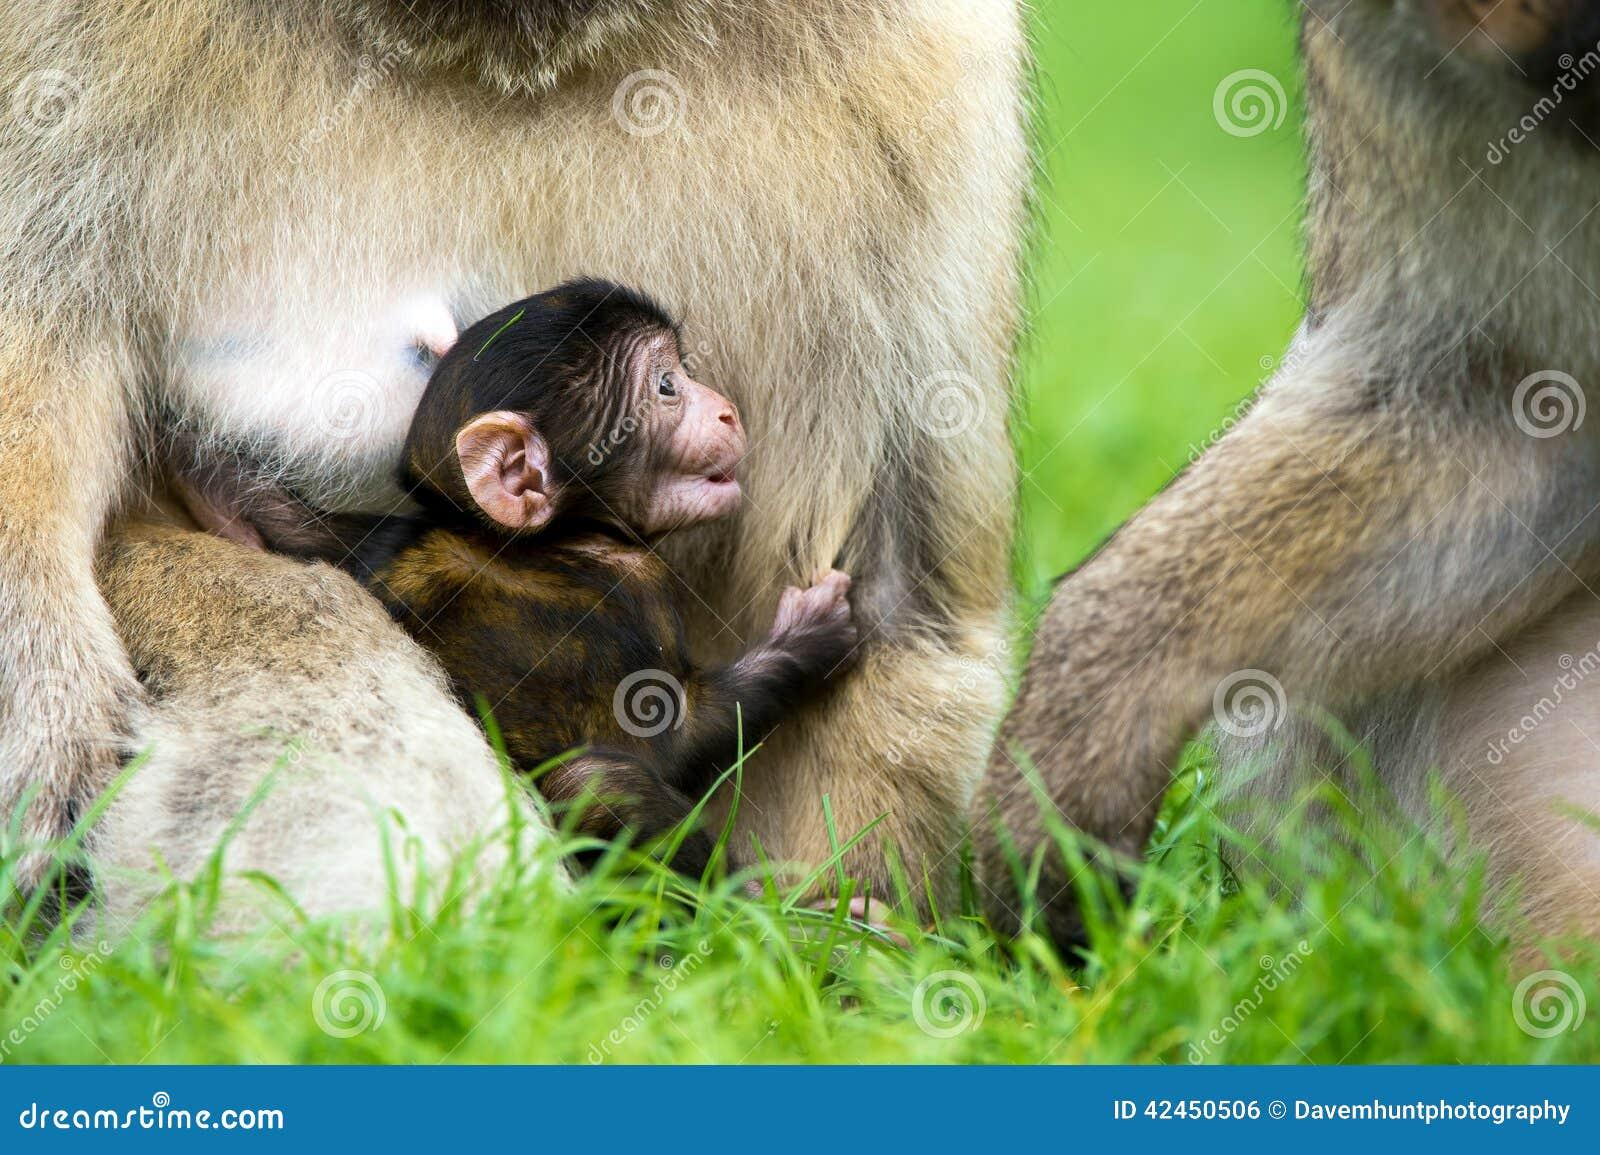 Spezies: Macaca sylvanus